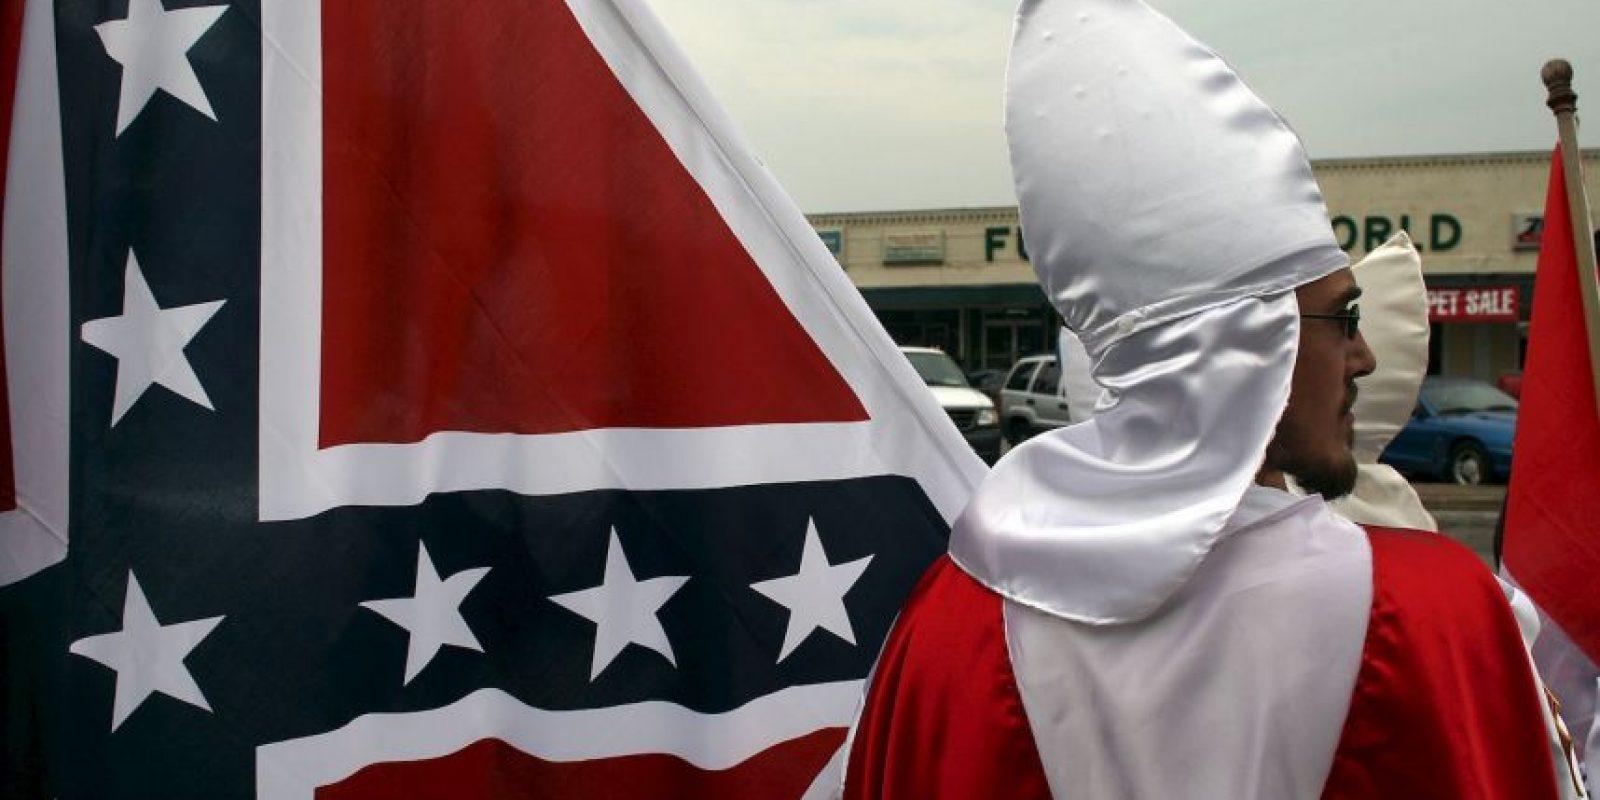 La organización ha recurrido a la violencia y actos intimidantes. Foto:Getty Images